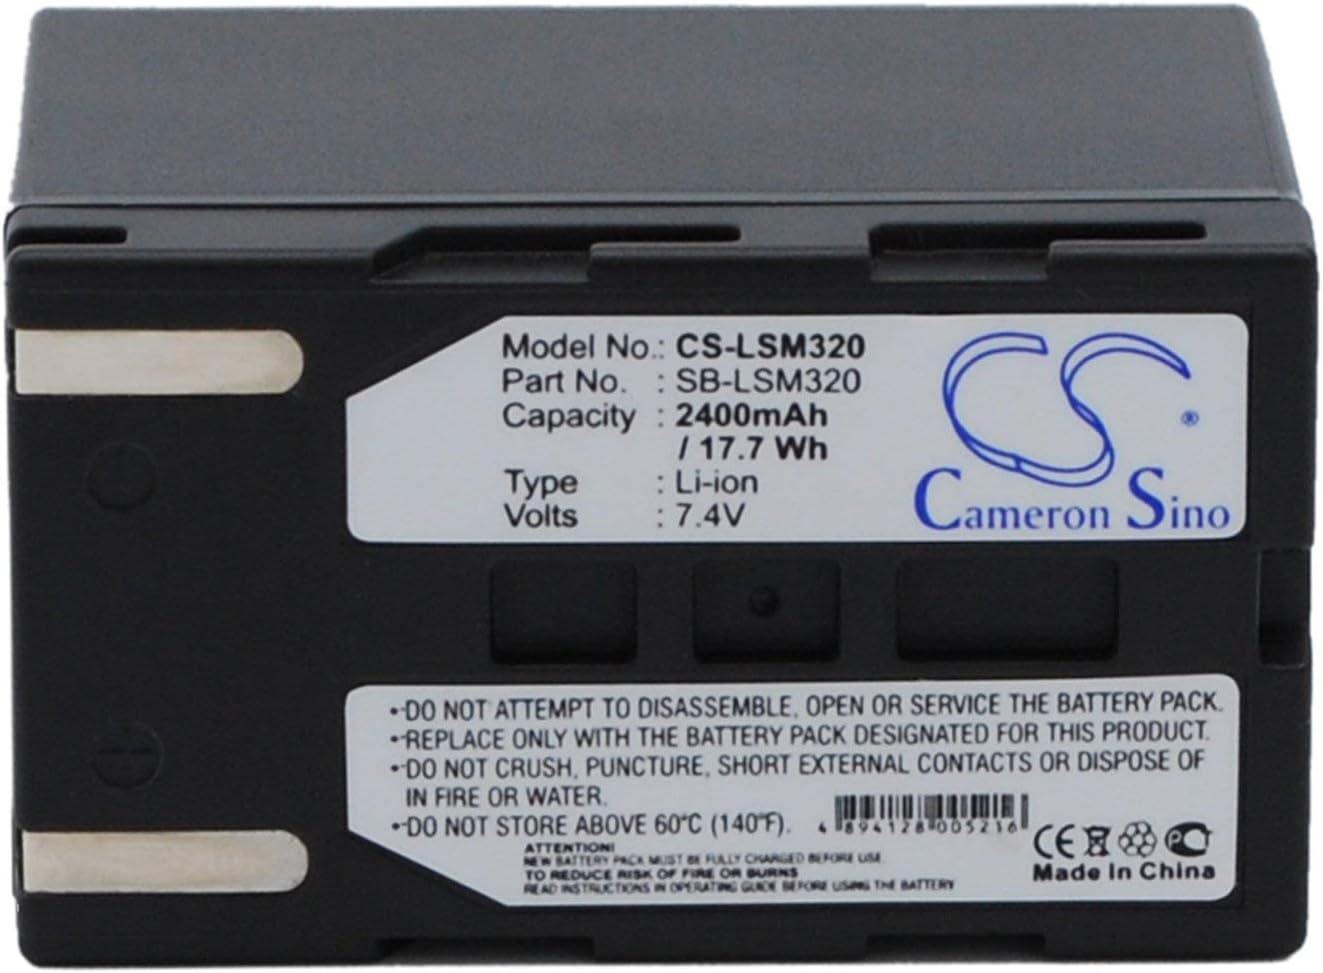 VP-D363i VP-D365Wi Digital Camcorder Battery Pack for Samsung VP-D363 VP- D364W VP- D364Wi VP-D365W